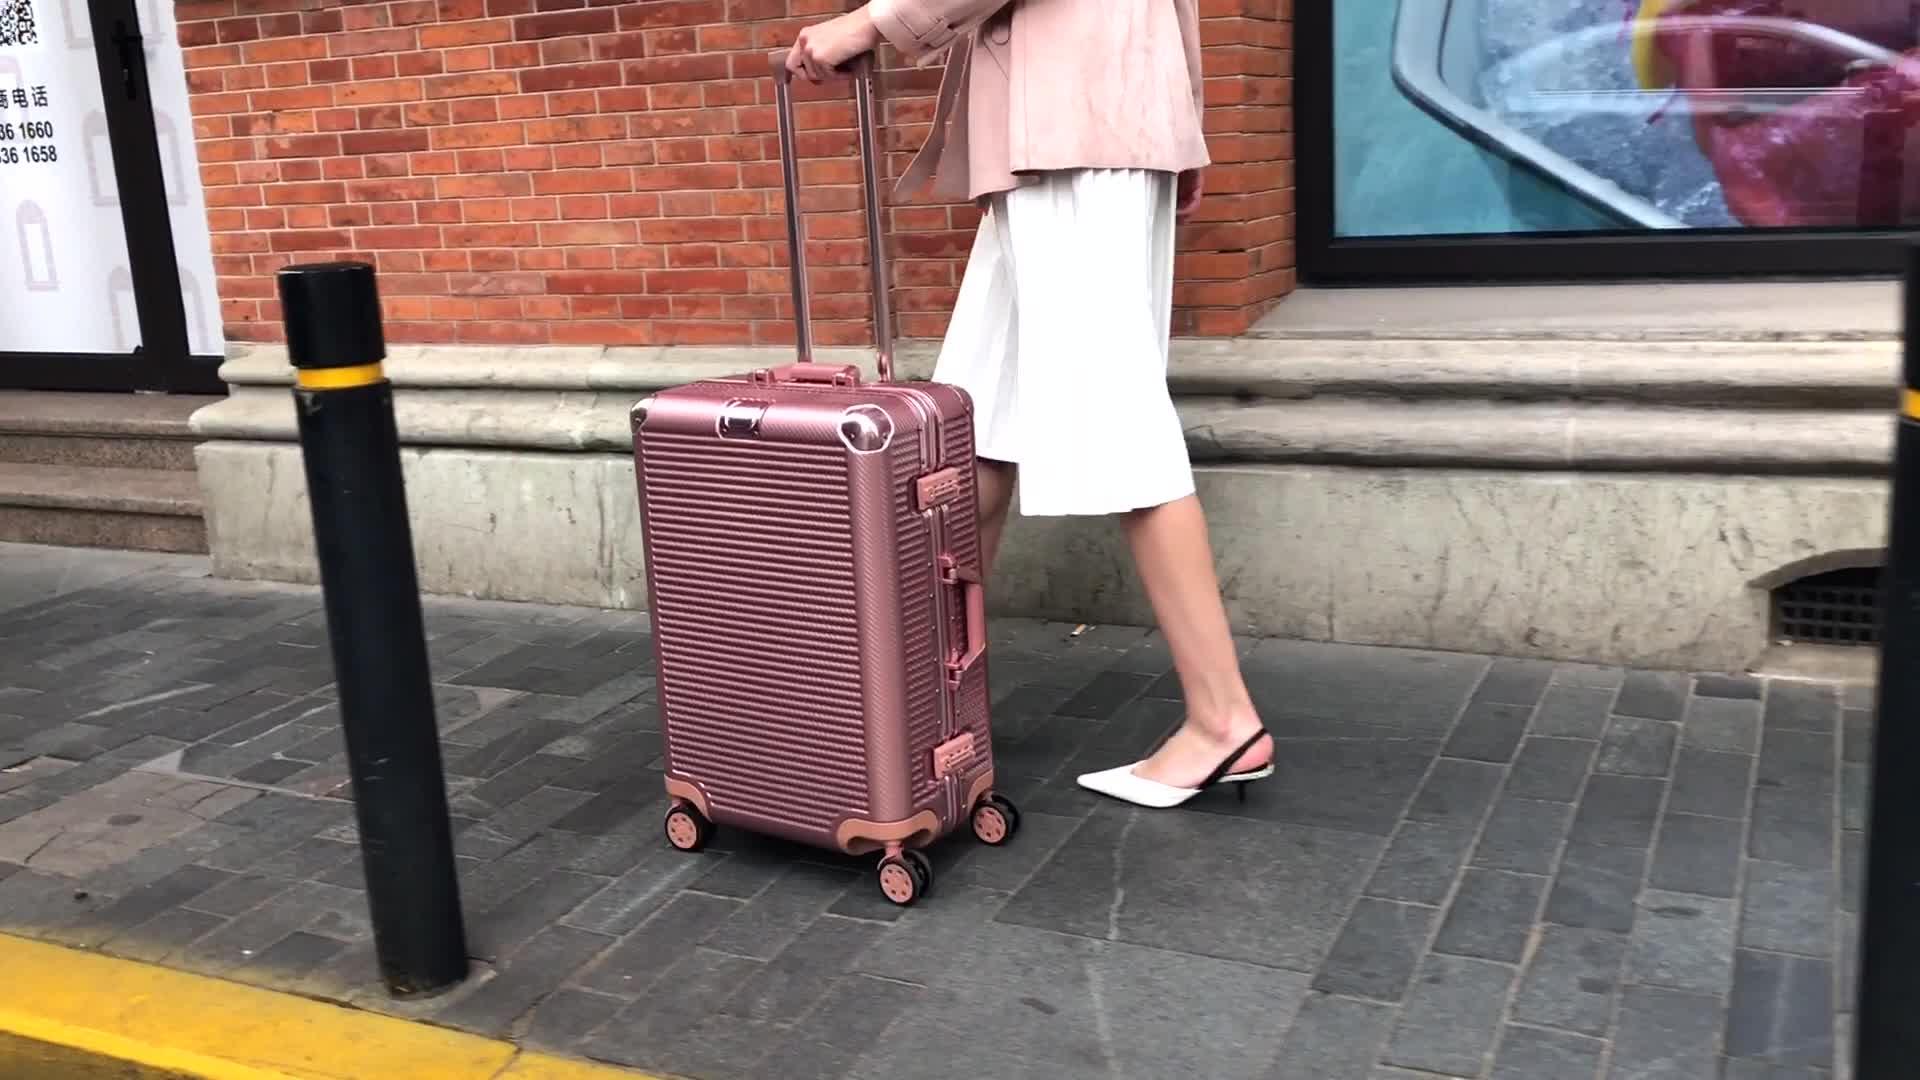 Multi-Farbe Optional Aluminium Koffer Mit Trolley Super Licht Bernstein Koffer